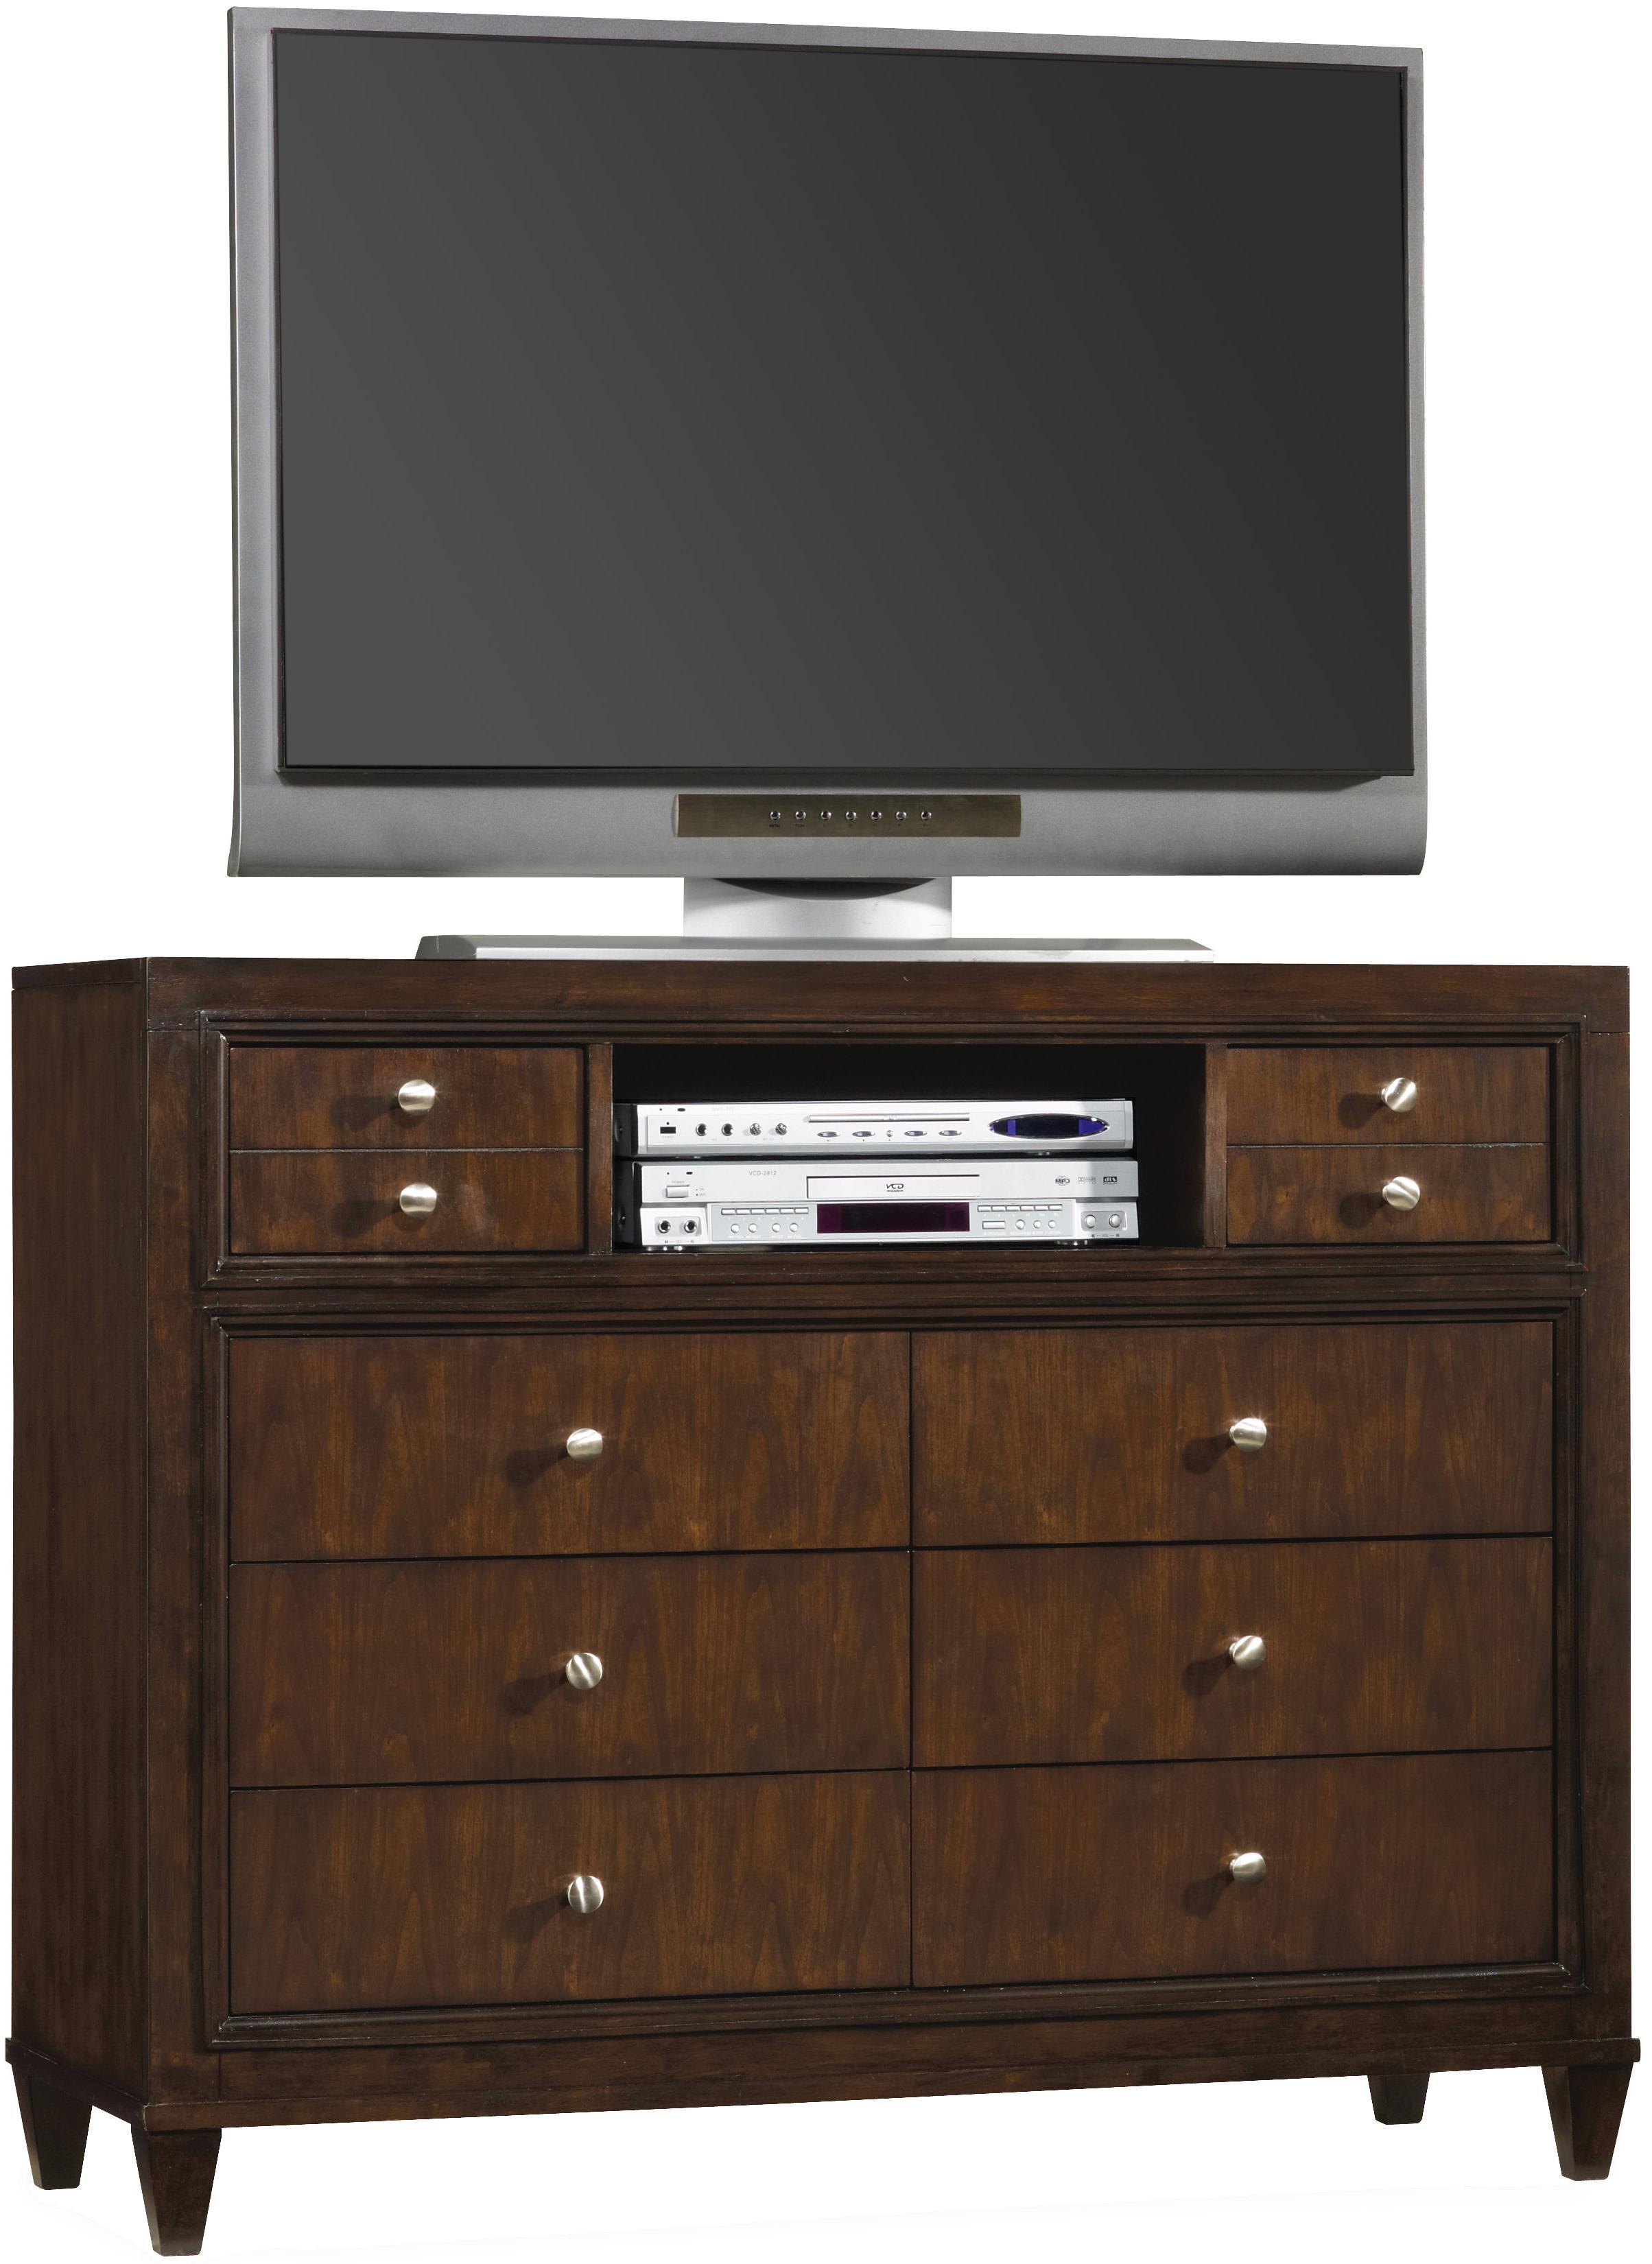 Hooker Furniture Ludlow Media Chest - Item Number: 1030-91117